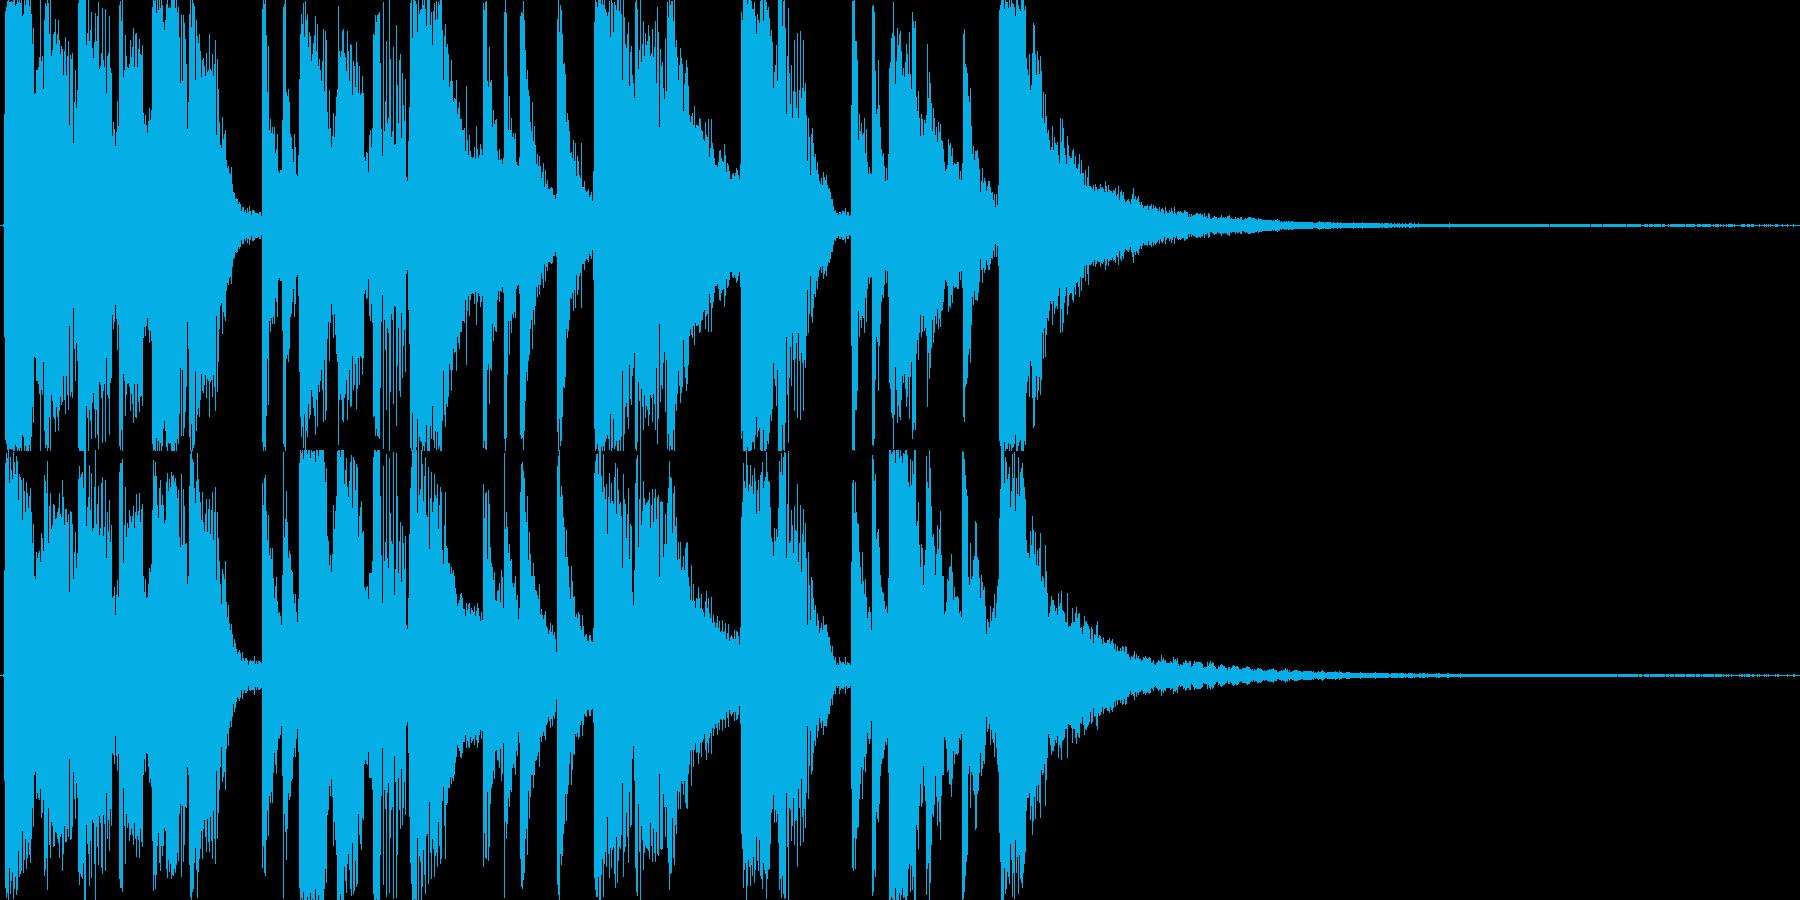 ベースとドラムのジングル・サウンドロゴの再生済みの波形